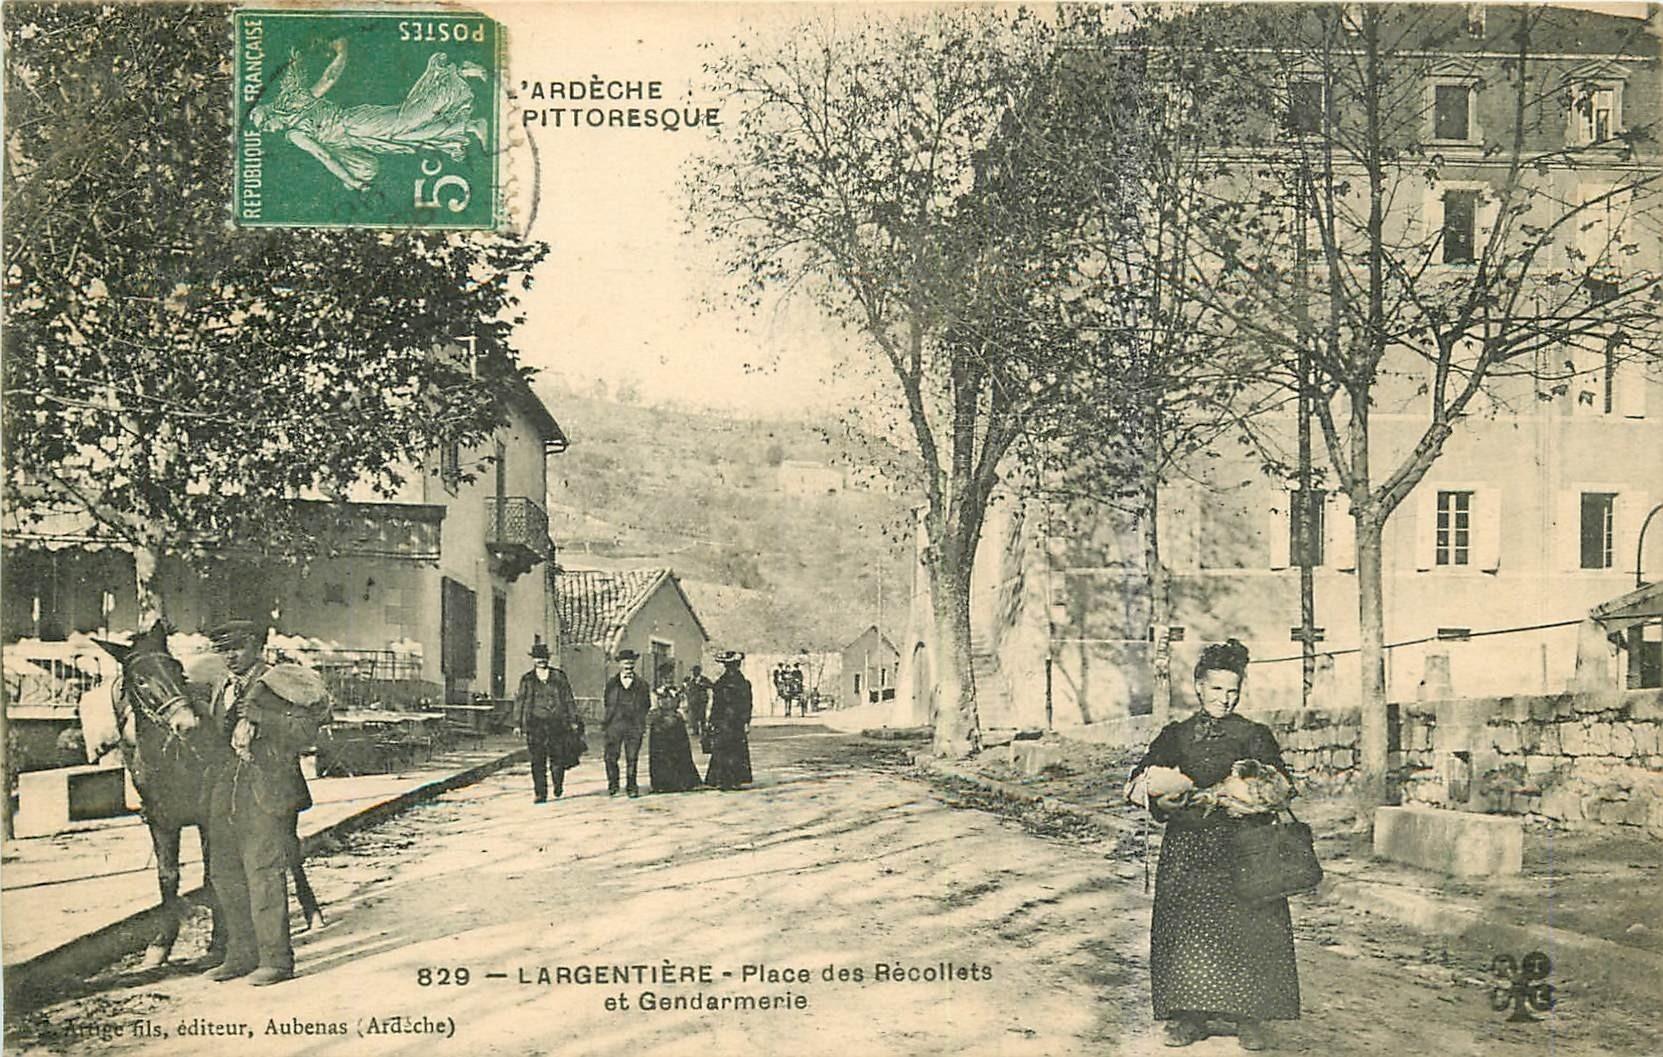 WW 07 LARGENTIERE. Gendarmerie Place des Récollets 1908